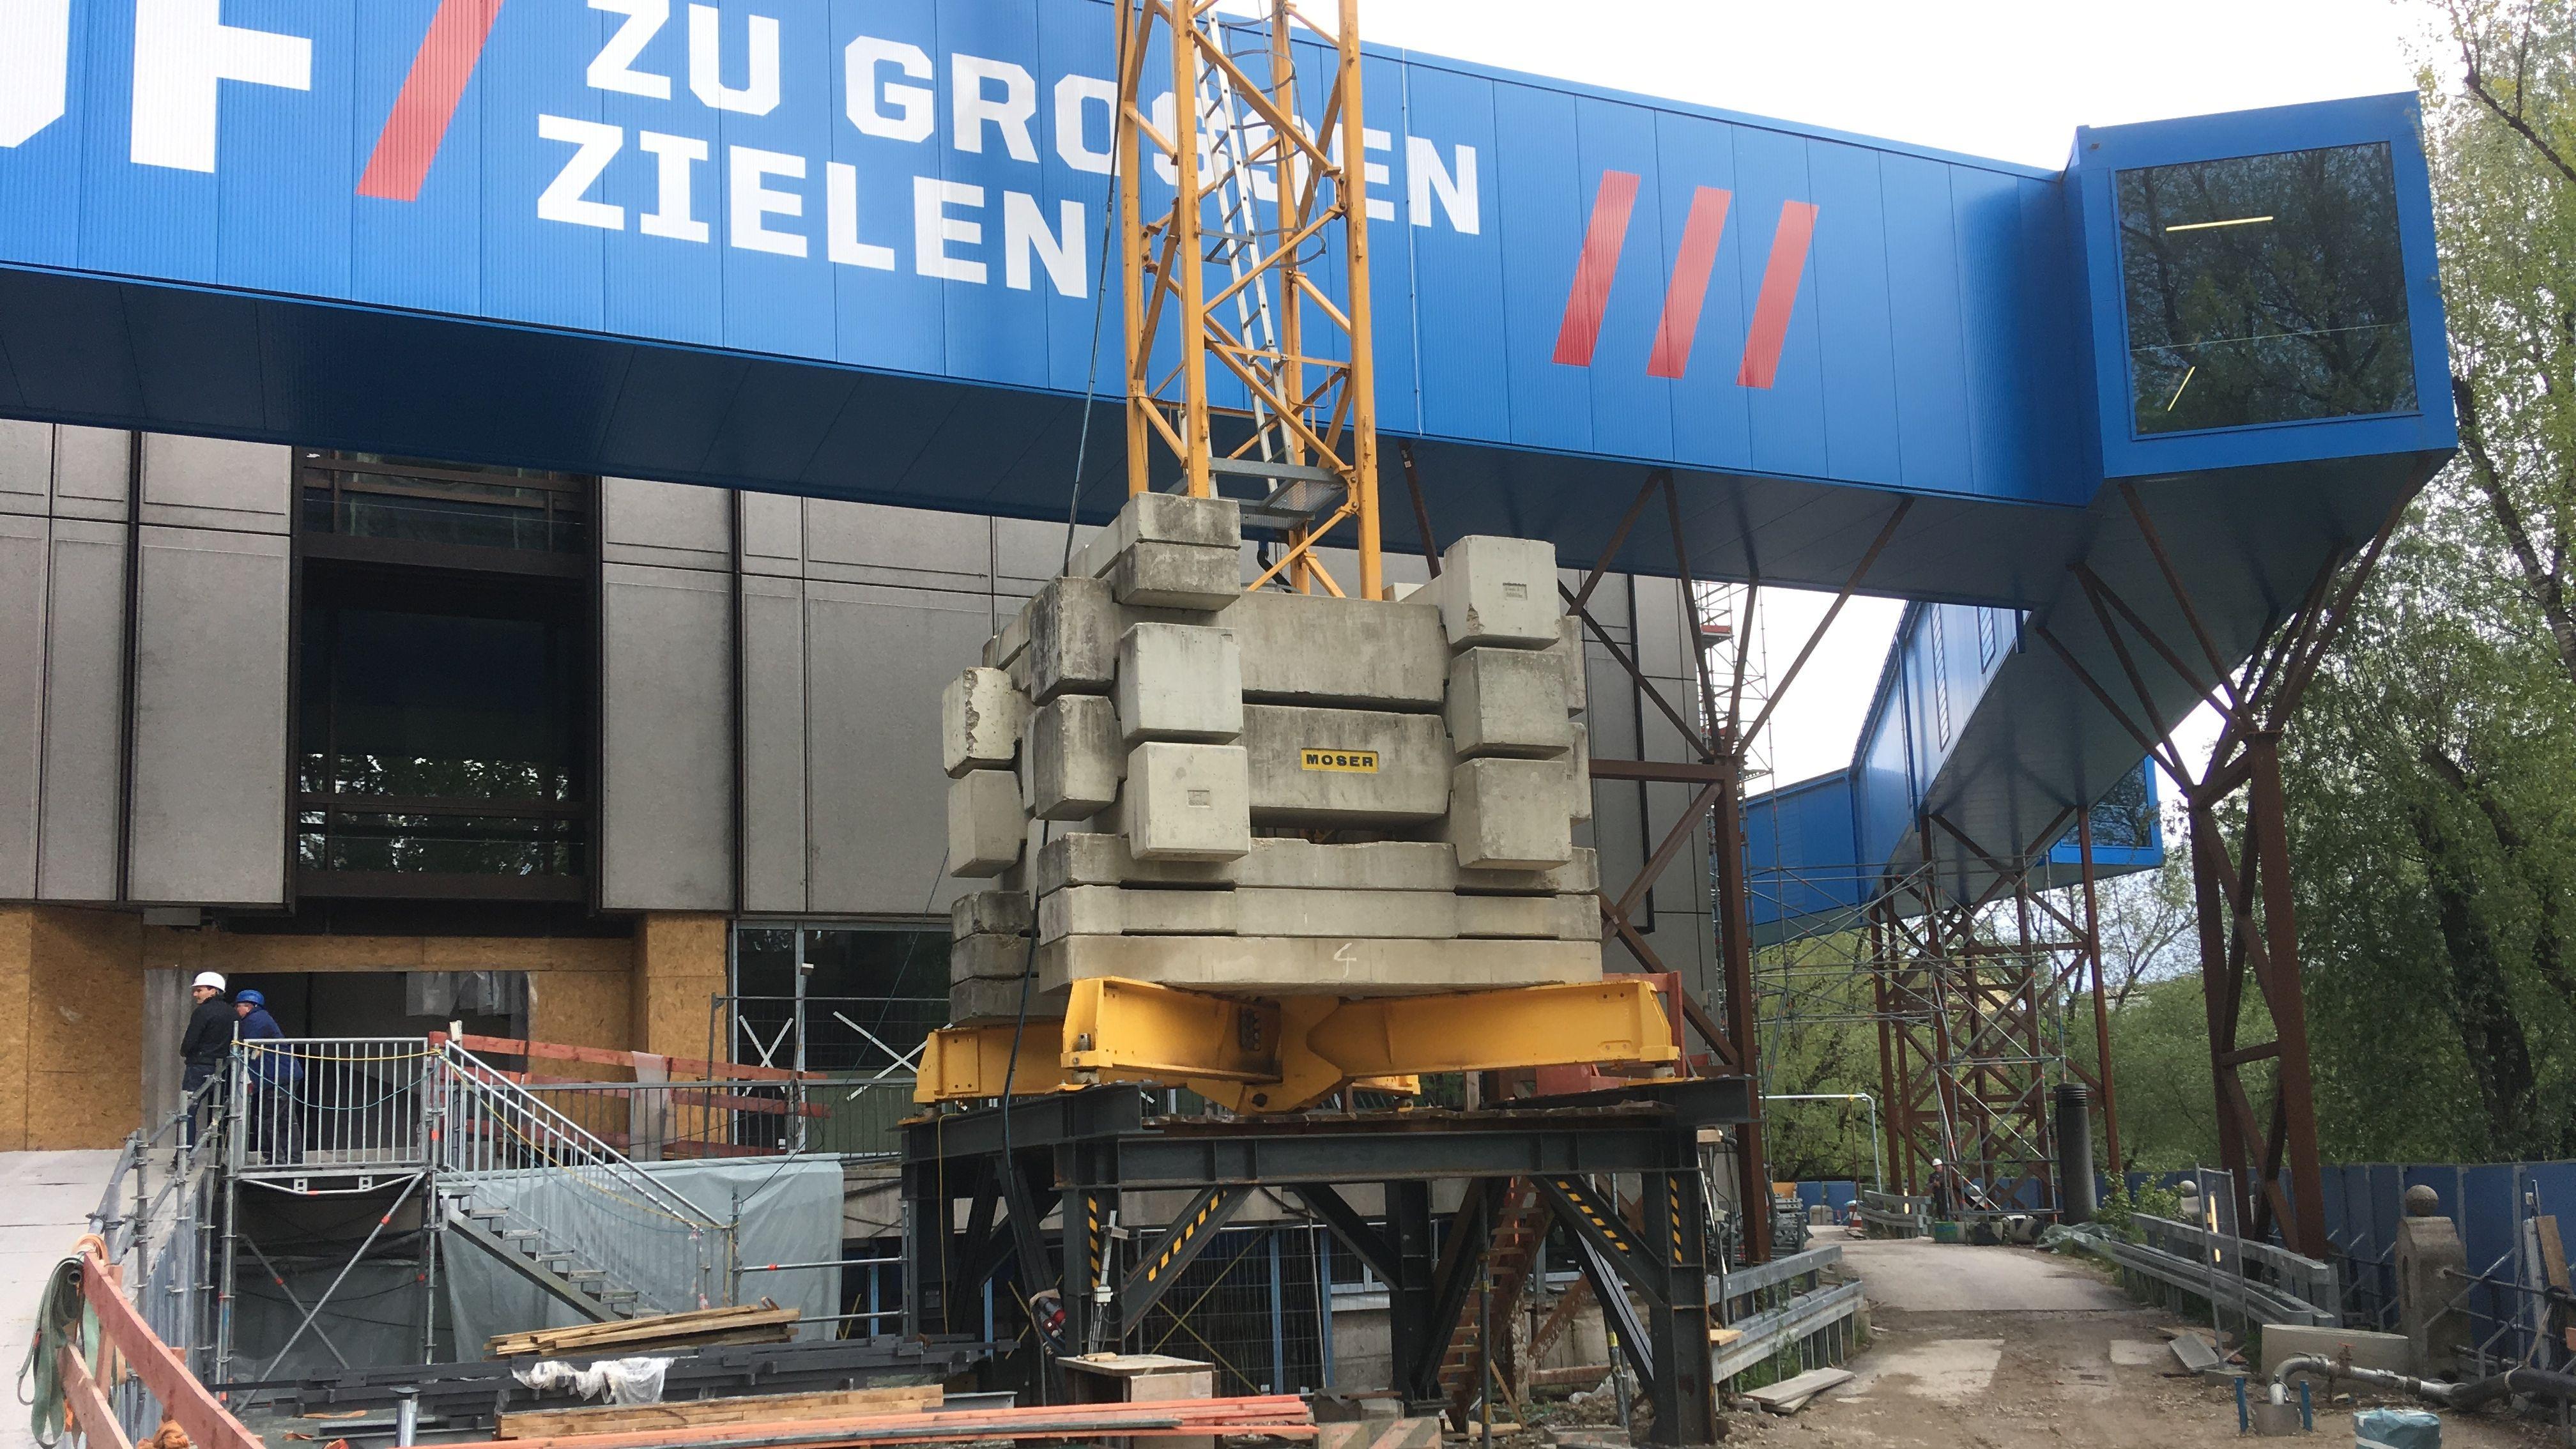 Damit die Besucher trotz der Sanierung im ersten Bauabschnitt entfernte Ausstellungen erreichen, wurde dieser Umgehungsgang auf  Stahlträgern errichtet.